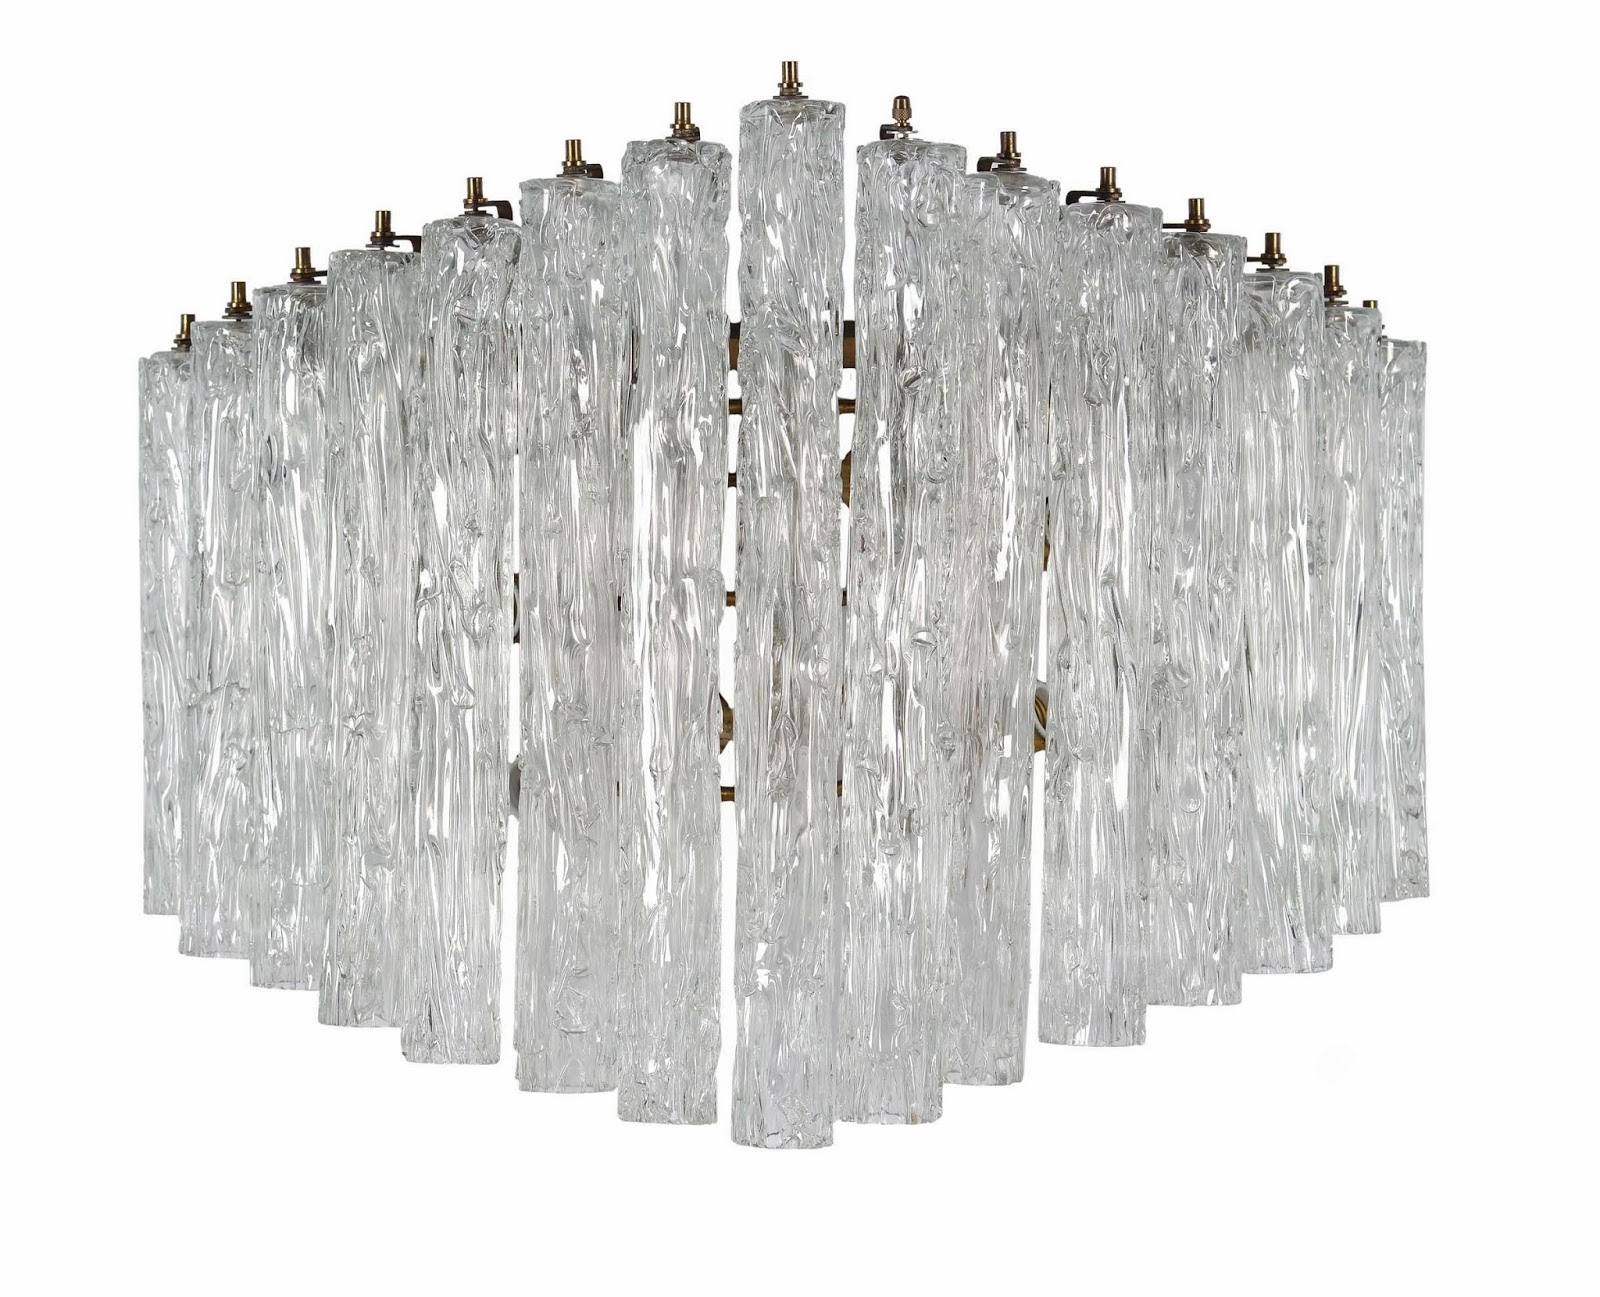 vecchi lampadari : fabbrica lampadari: Ricambi in vetro di Murano per vecchi lampadari ...